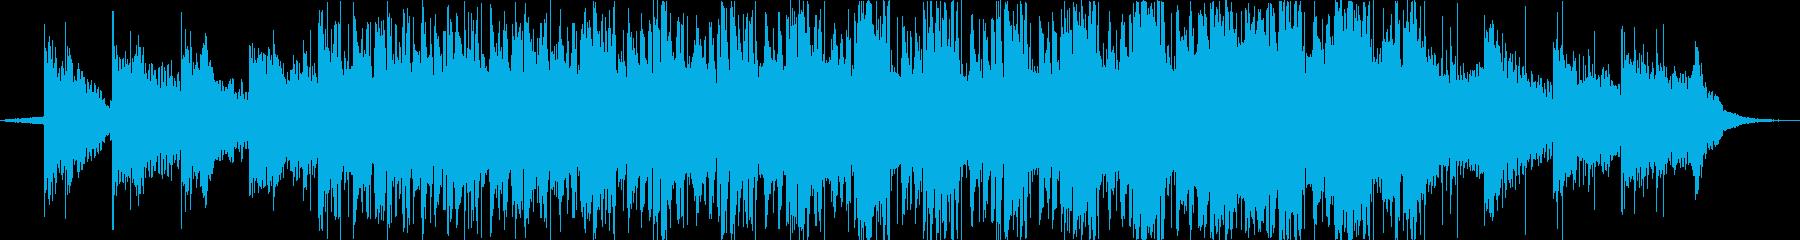 ゆったりとしたポストロックの再生済みの波形